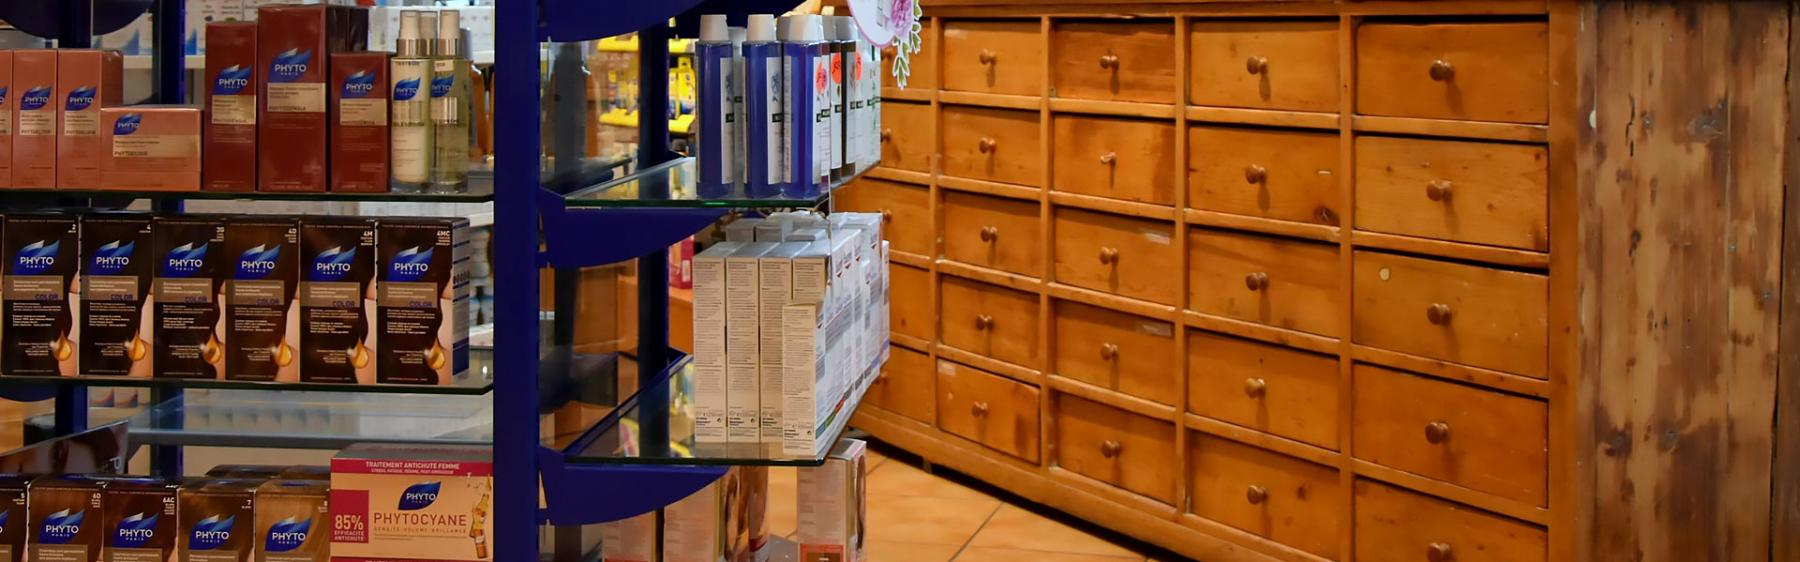 Pharmacie de Roches SA - Eaux-Vives - Genève - Produits naturels